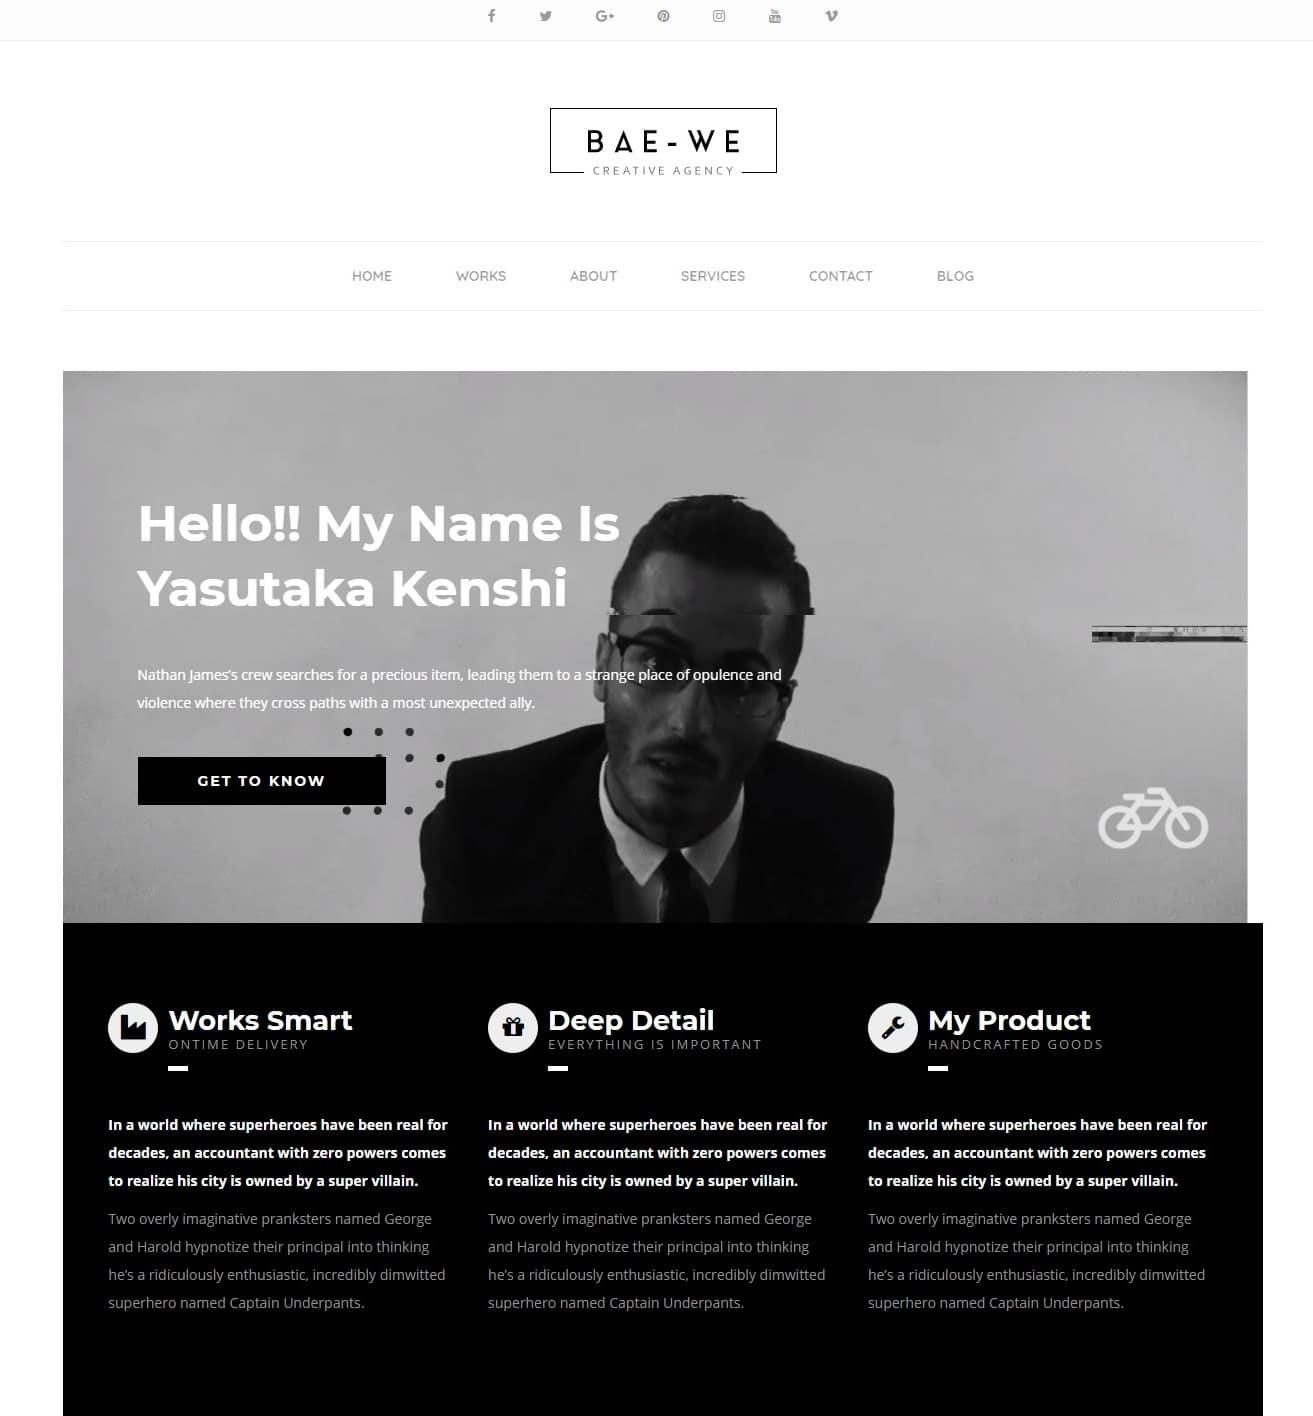 baewe-simple-website-template